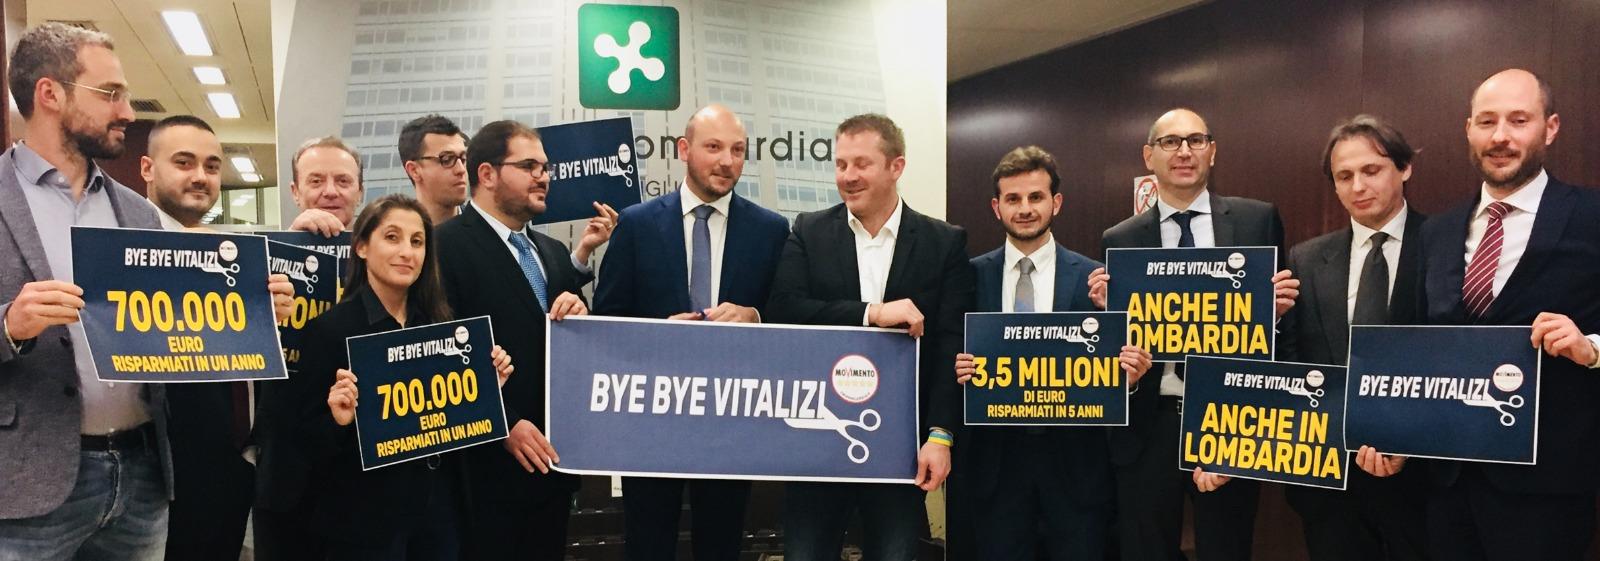 #ByeByeVitalizi in Lombardia. Risultato storico. Risparmiati tre milioni e mezzo di euro